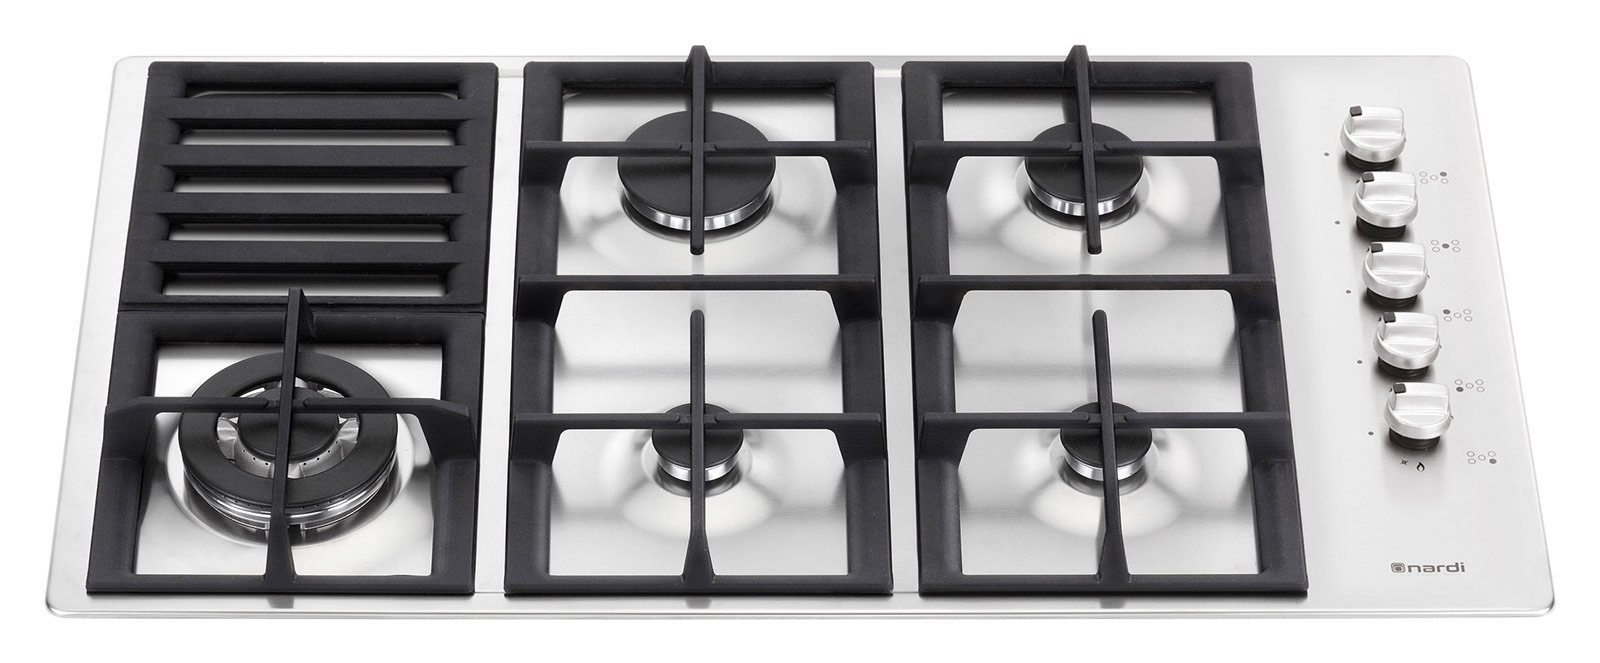 Piani cottura a gas cose di casa for Piano cottura 5 fuochi vetro